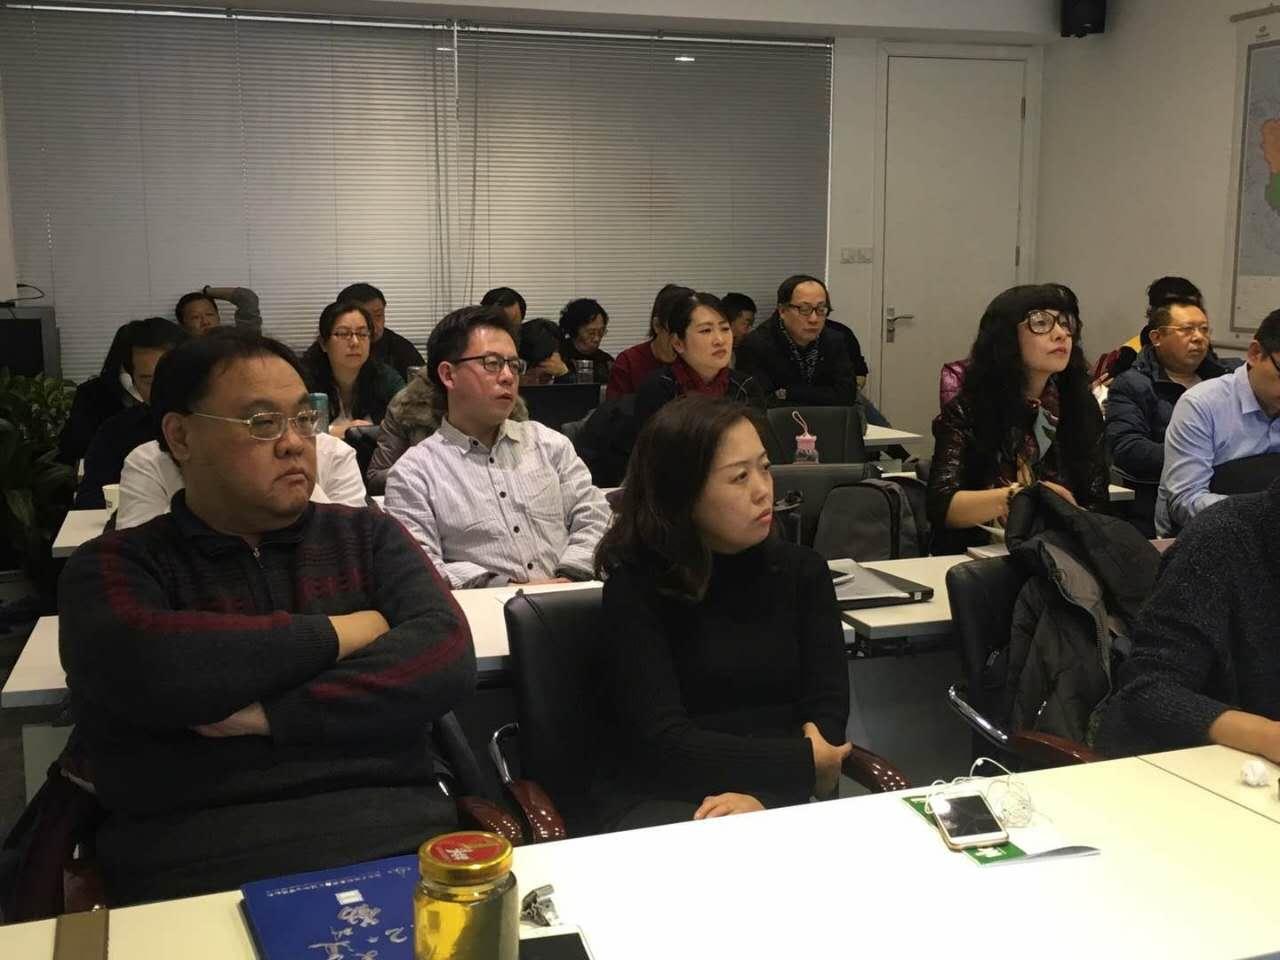 HXQC 成功举办2018年第一期审核技术及人员能力提升培训研讨会